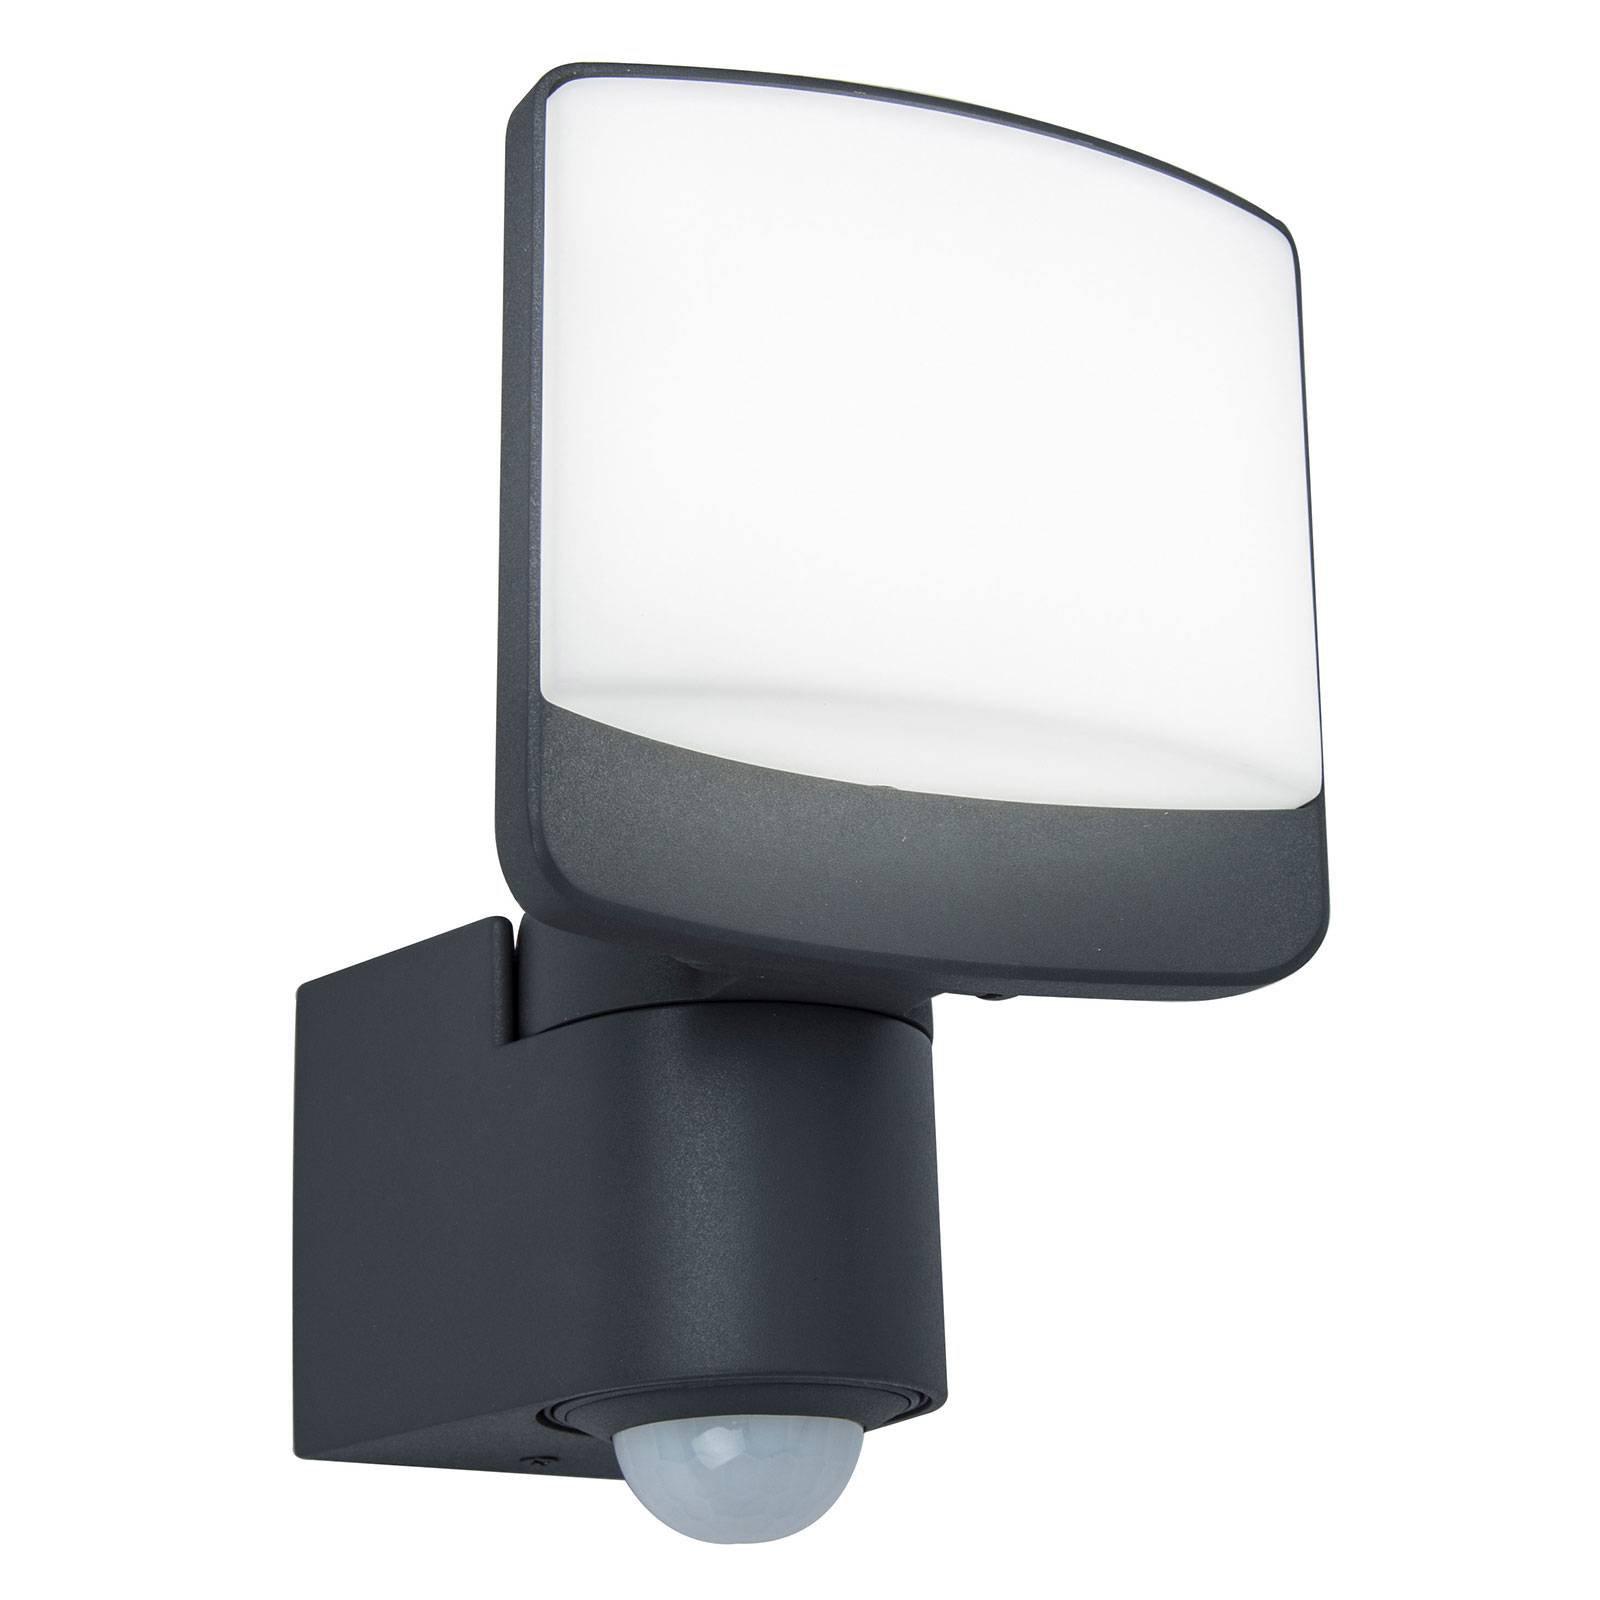 Utendørs LED-spot Sunshine med sensor